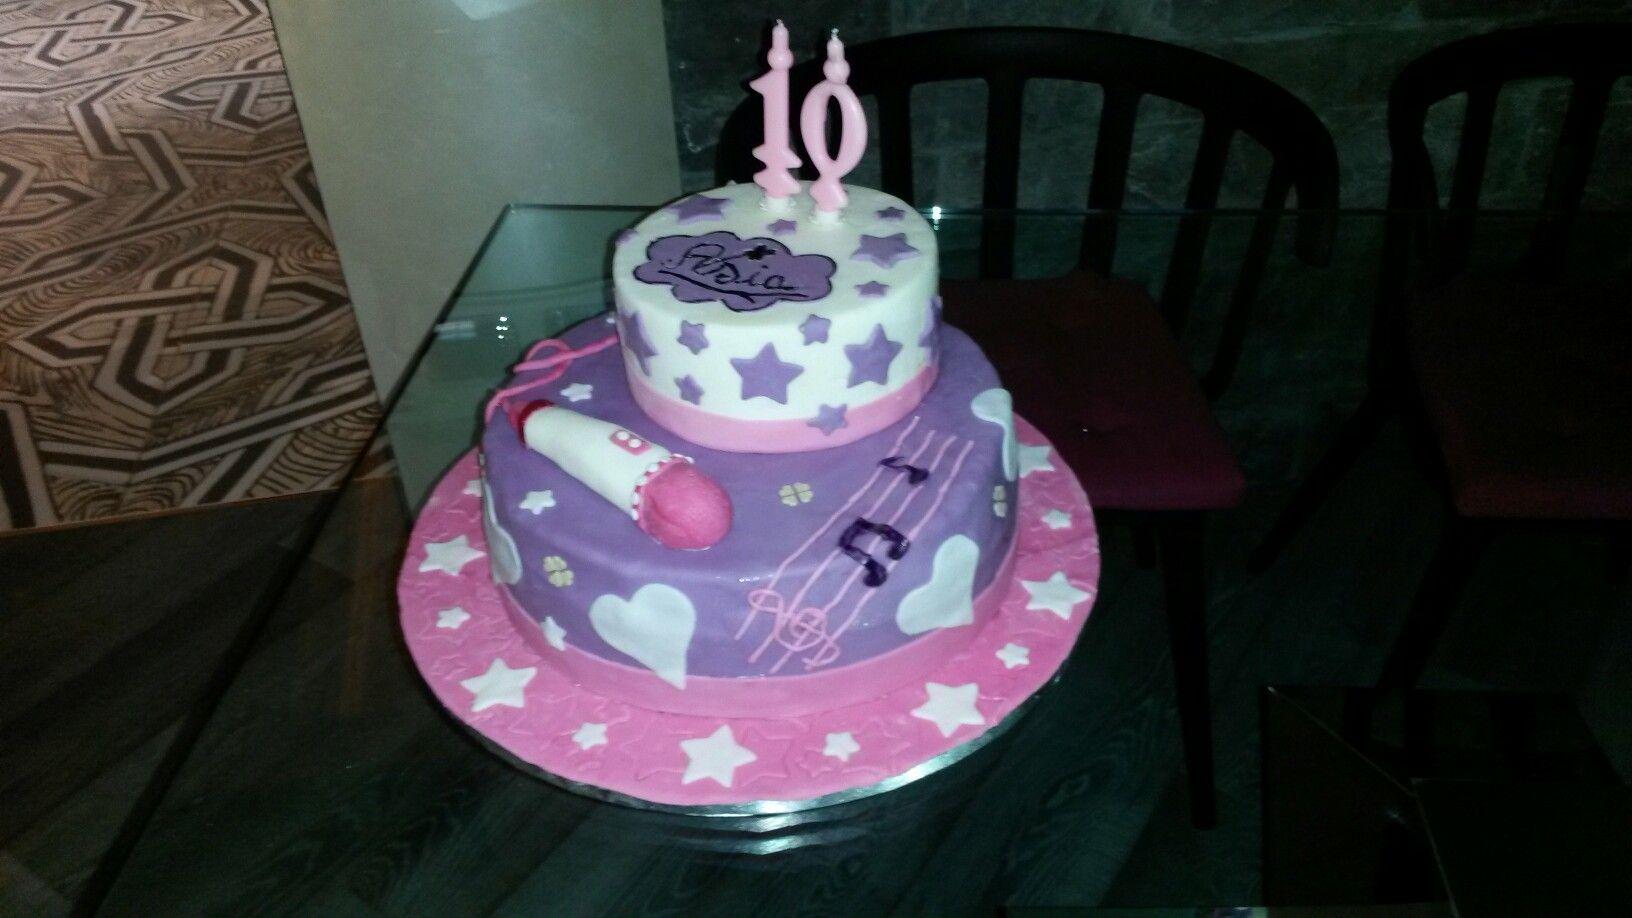 Pasta di zucchero - torta violetta cake design